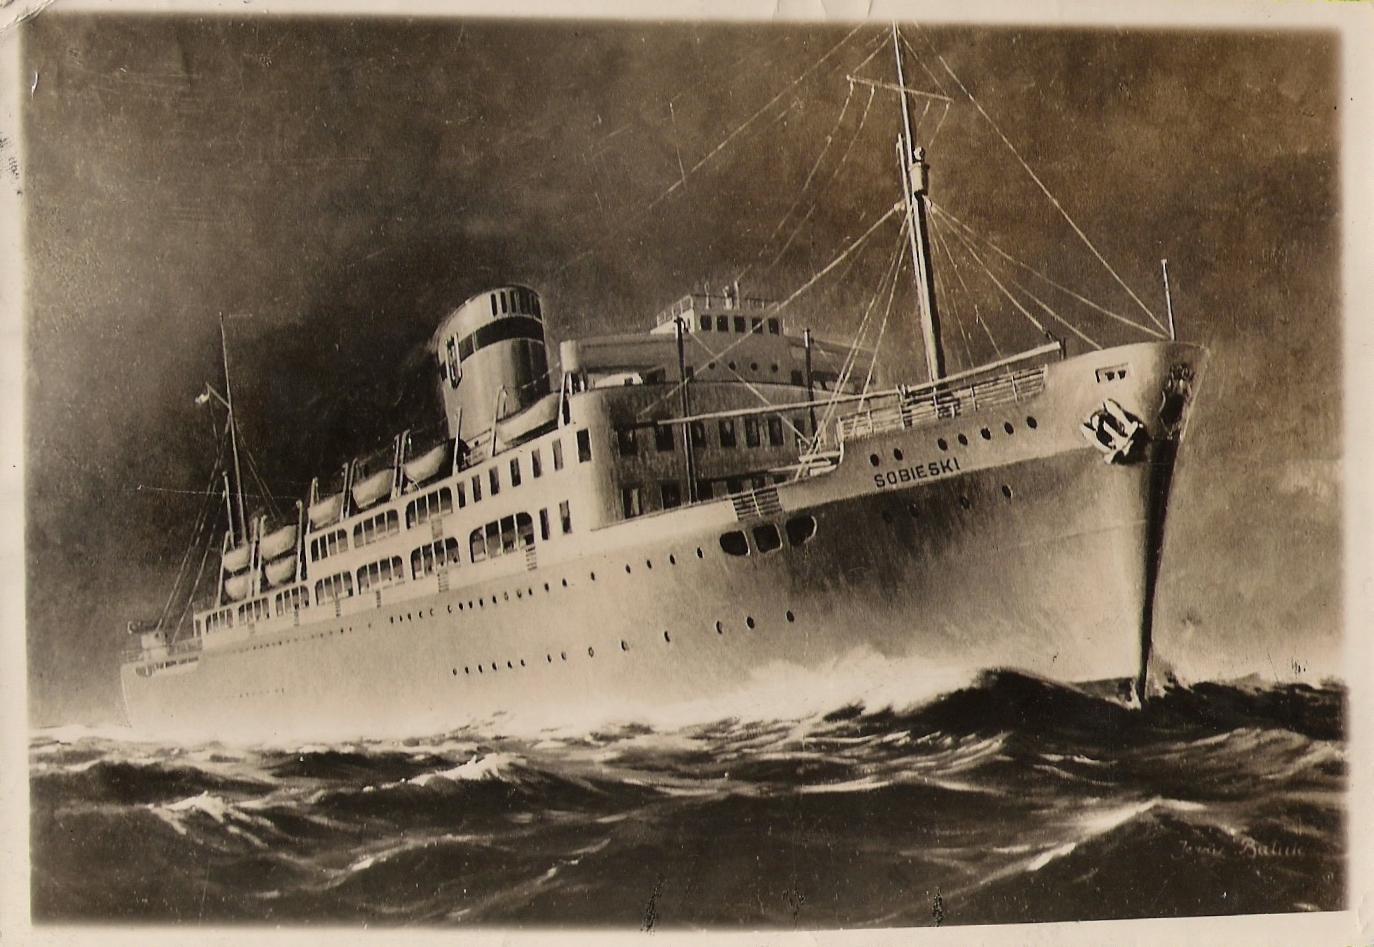 czarno-białe zdjęcie statku